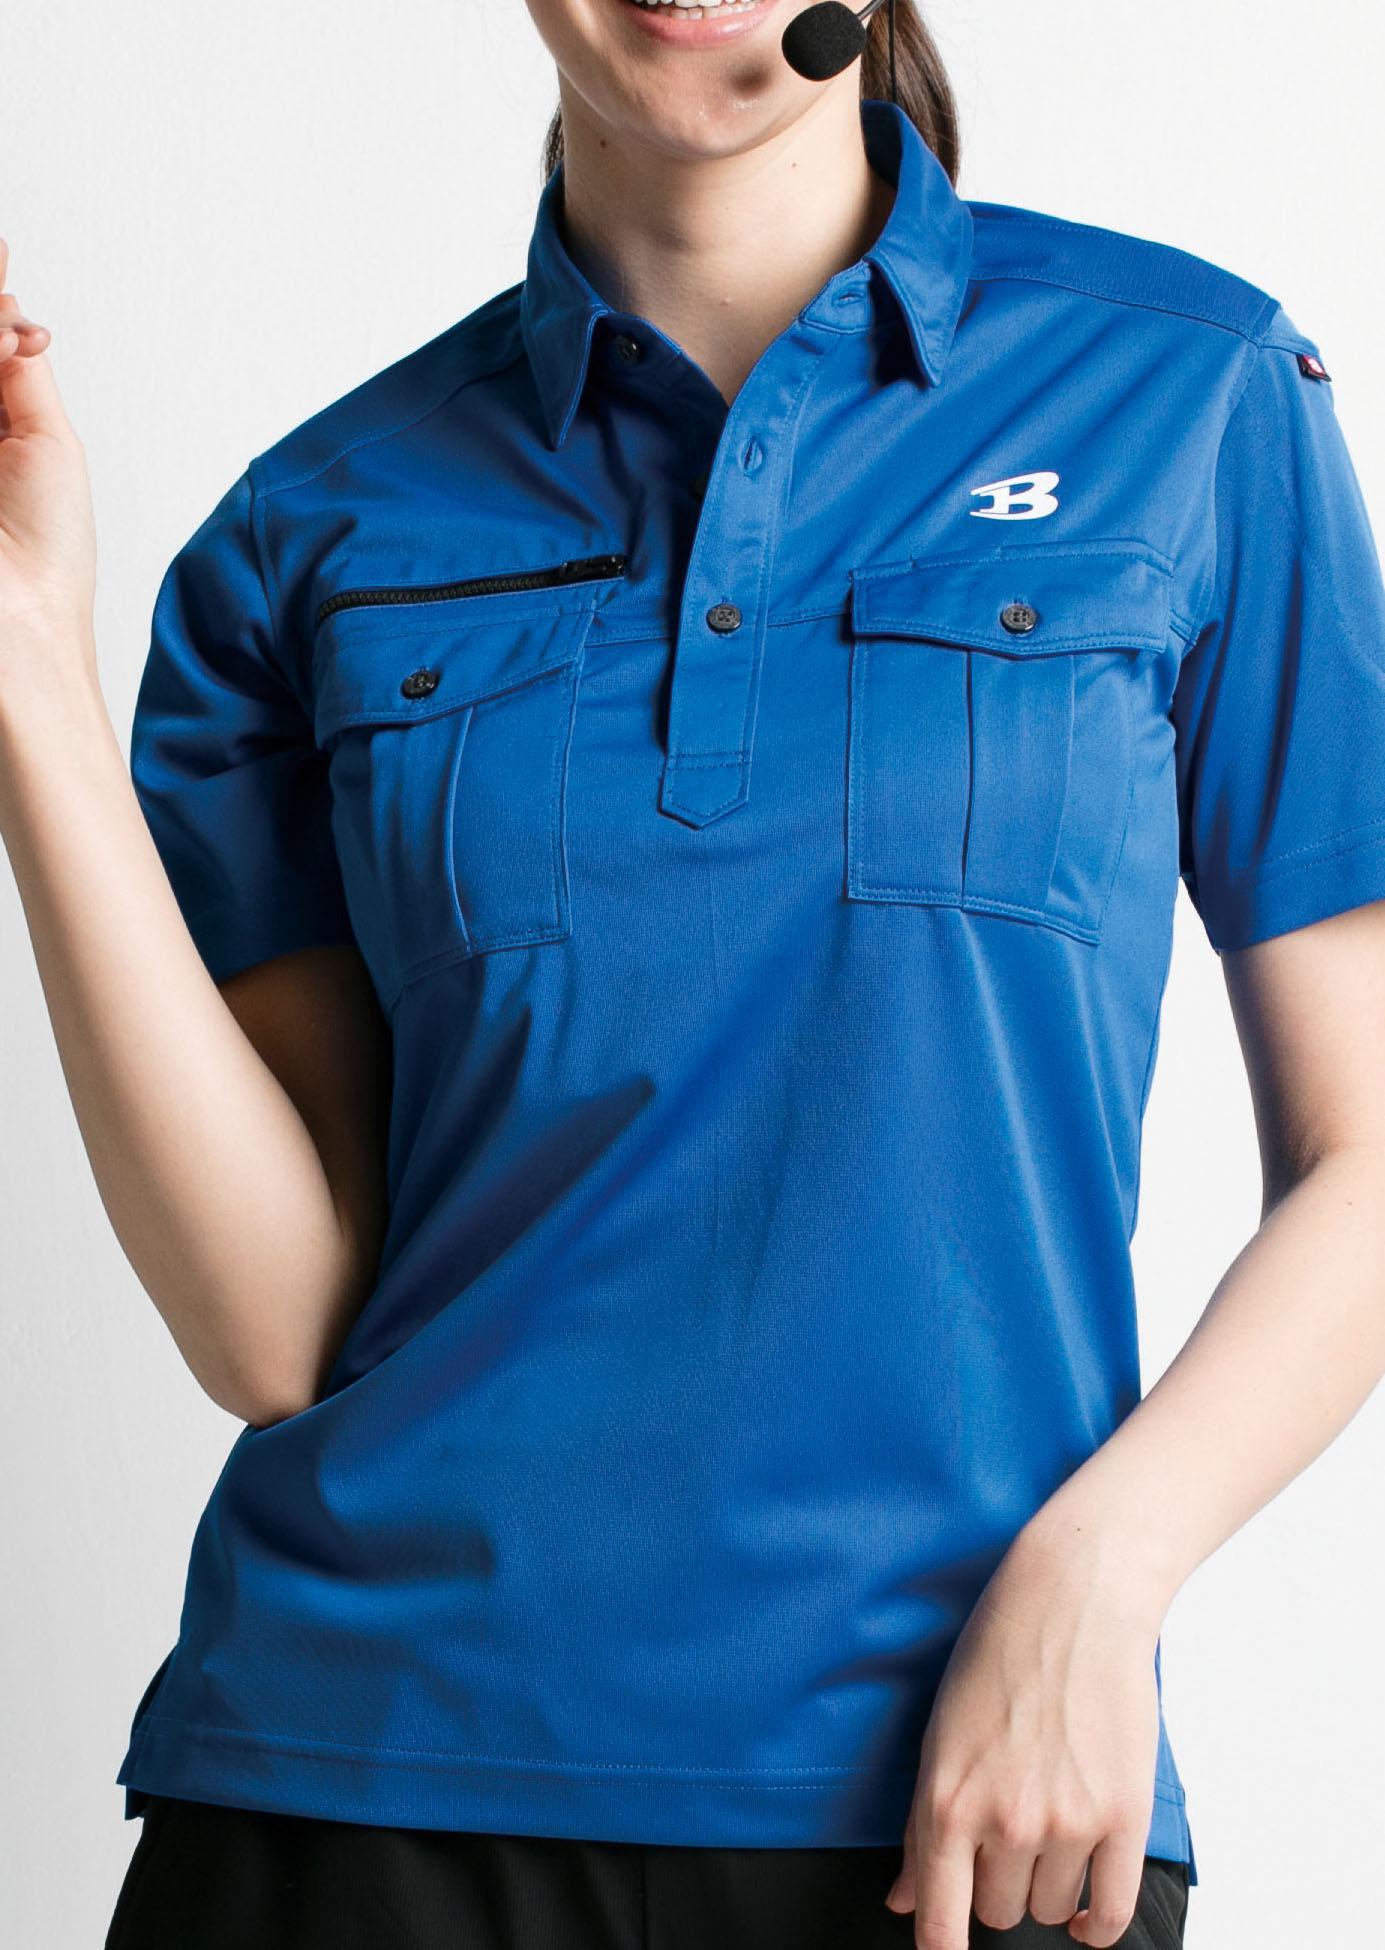 BURTLE~バートル~707 半袖ワークシャツ ¥2,790(税込)女性サイズもございます。